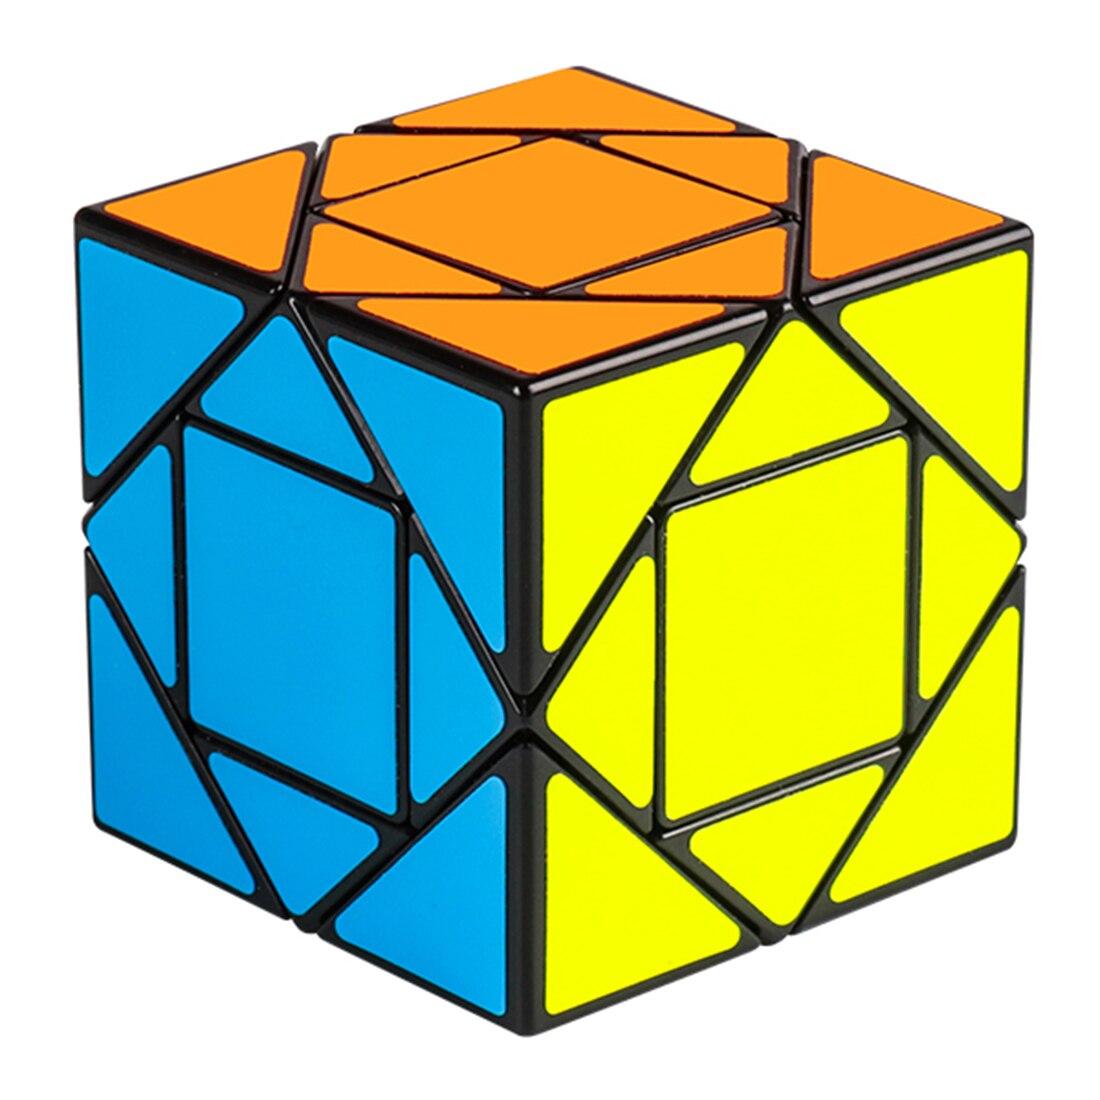 Rowsfire MF8847 Mofang Jiaoshi Pandora Magic Cube Educational Toys For Children Brain Trainning - Black/Yellow/Orange